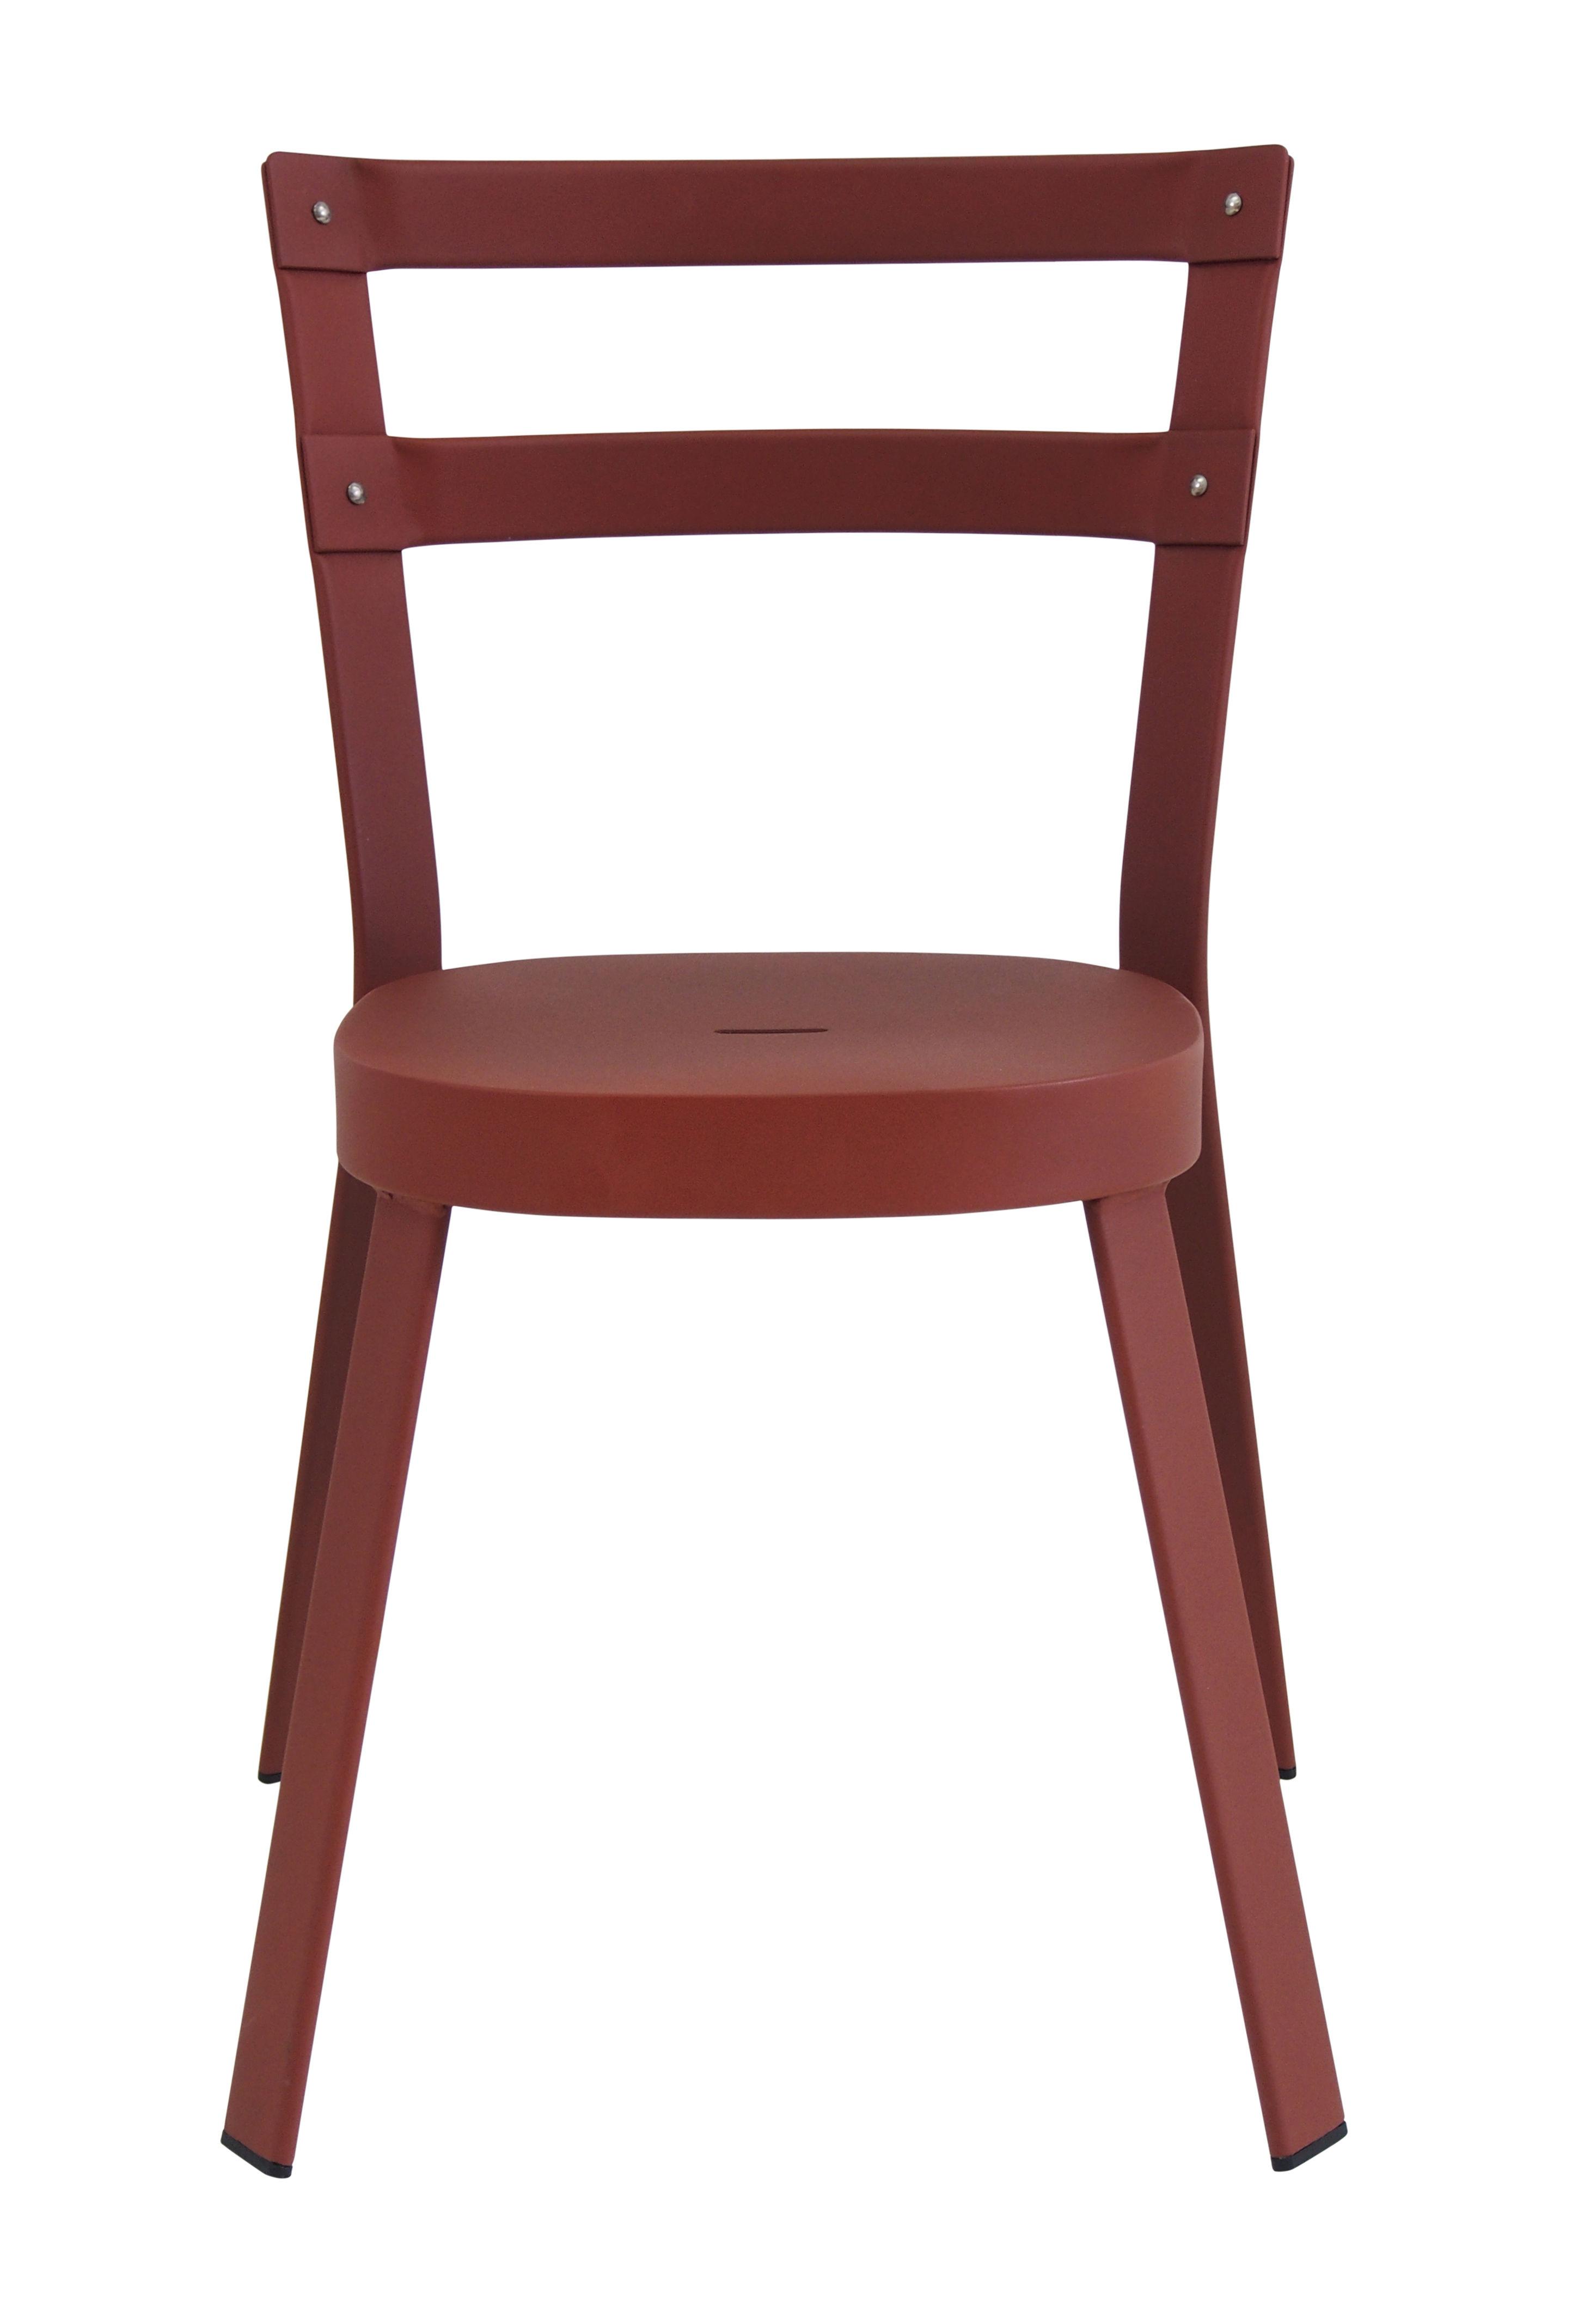 Mobilier - Chaises, fauteuils de salle à manger - Chaise empilable Thor / Métal - Emu - Marron Corten - Acier verni